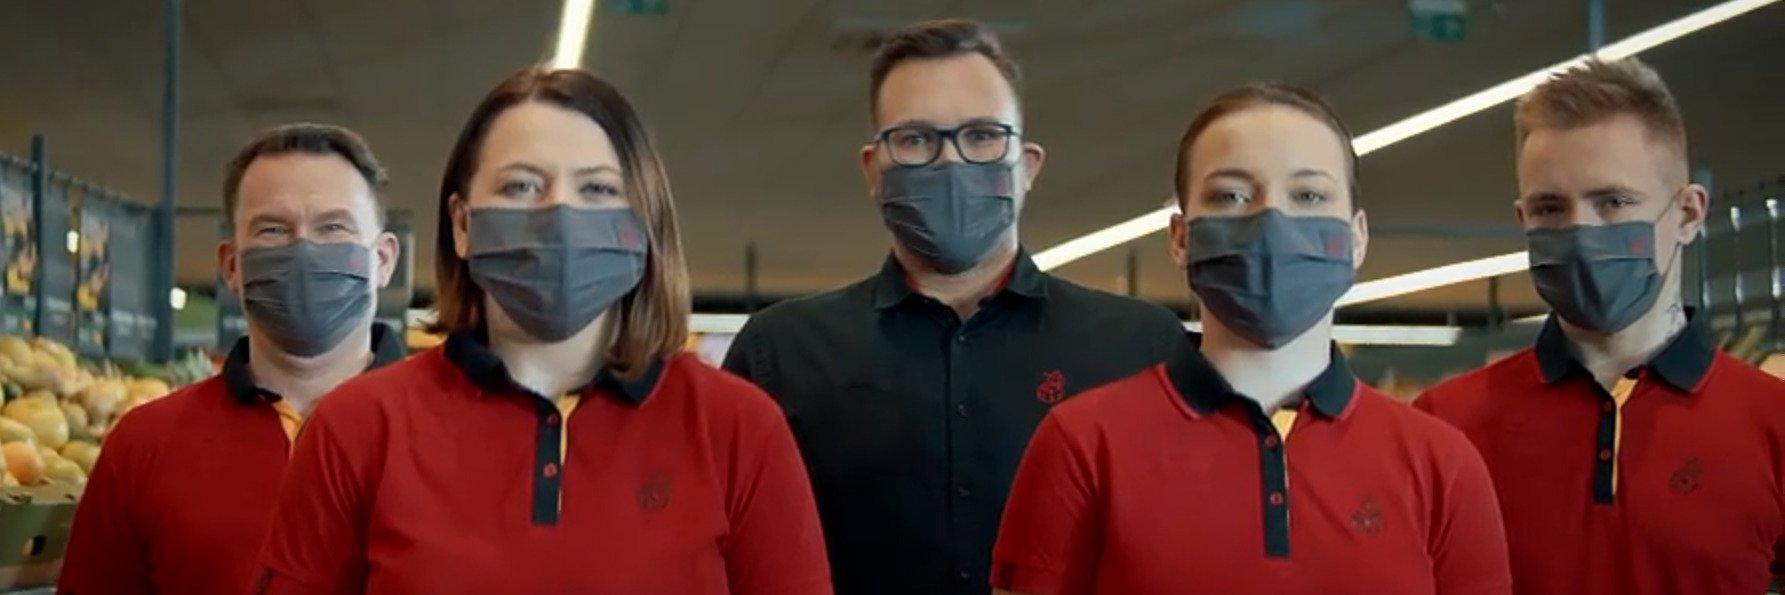 """Biedronka nową kampanię dedykuje swoim pracownikom. """"Dziękujemy, że czynicie niemożliwe możliwym"""""""